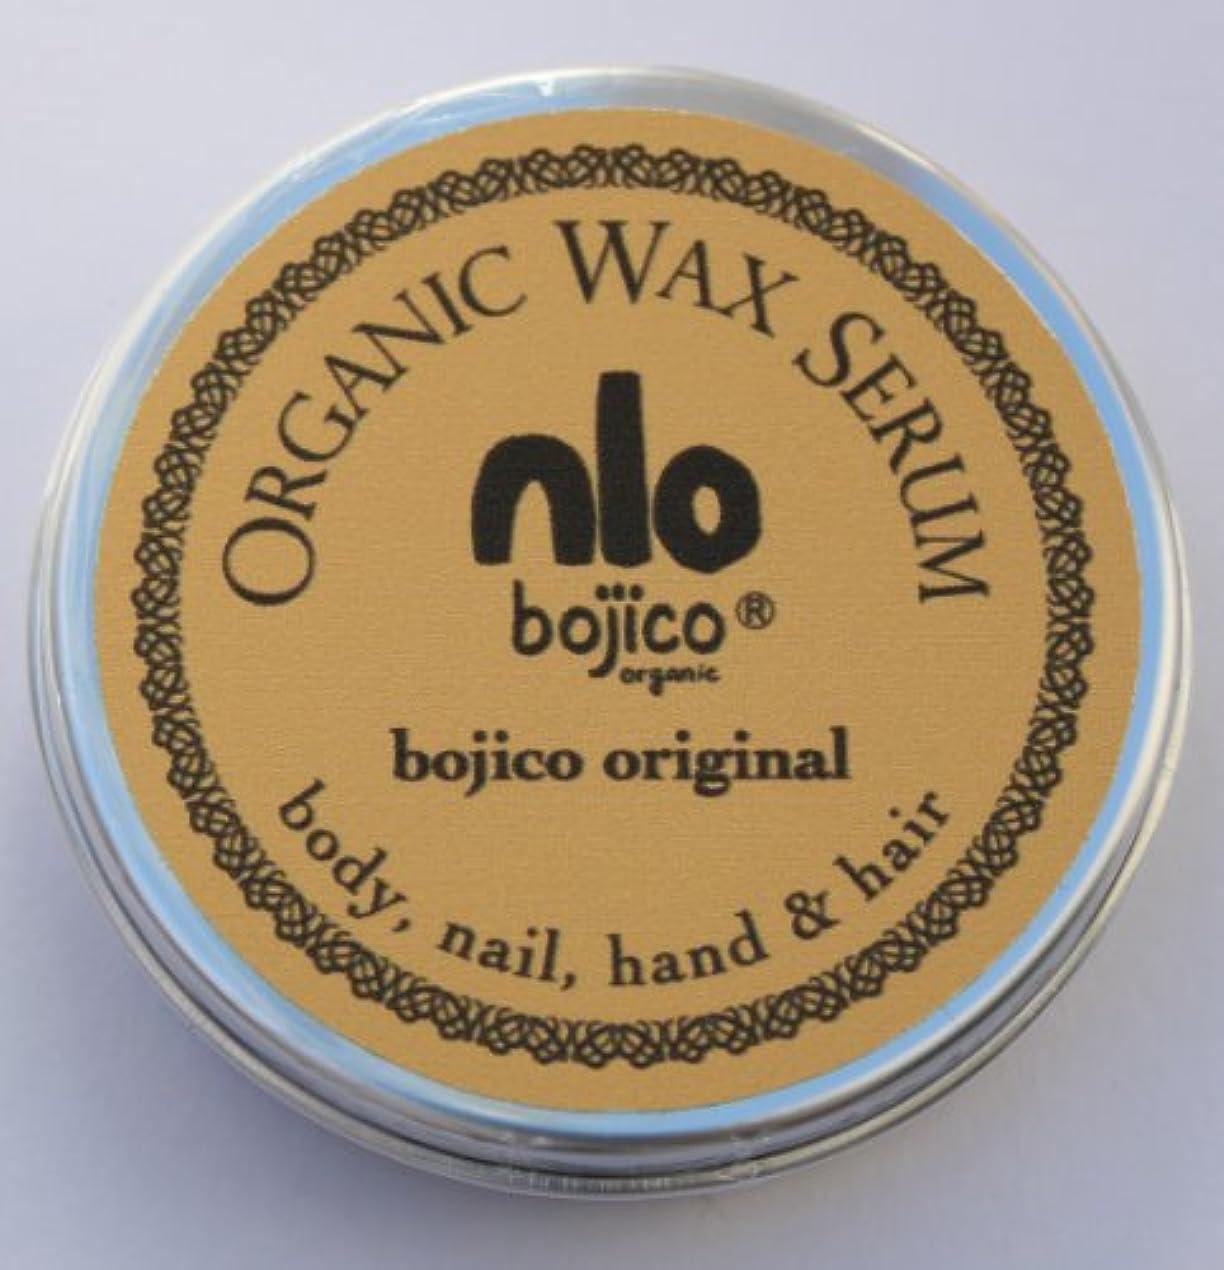 うなり声残りなぞらえるbojico オーガニック ワックス セラム<オリジナル> Organic Wax Serum 40g